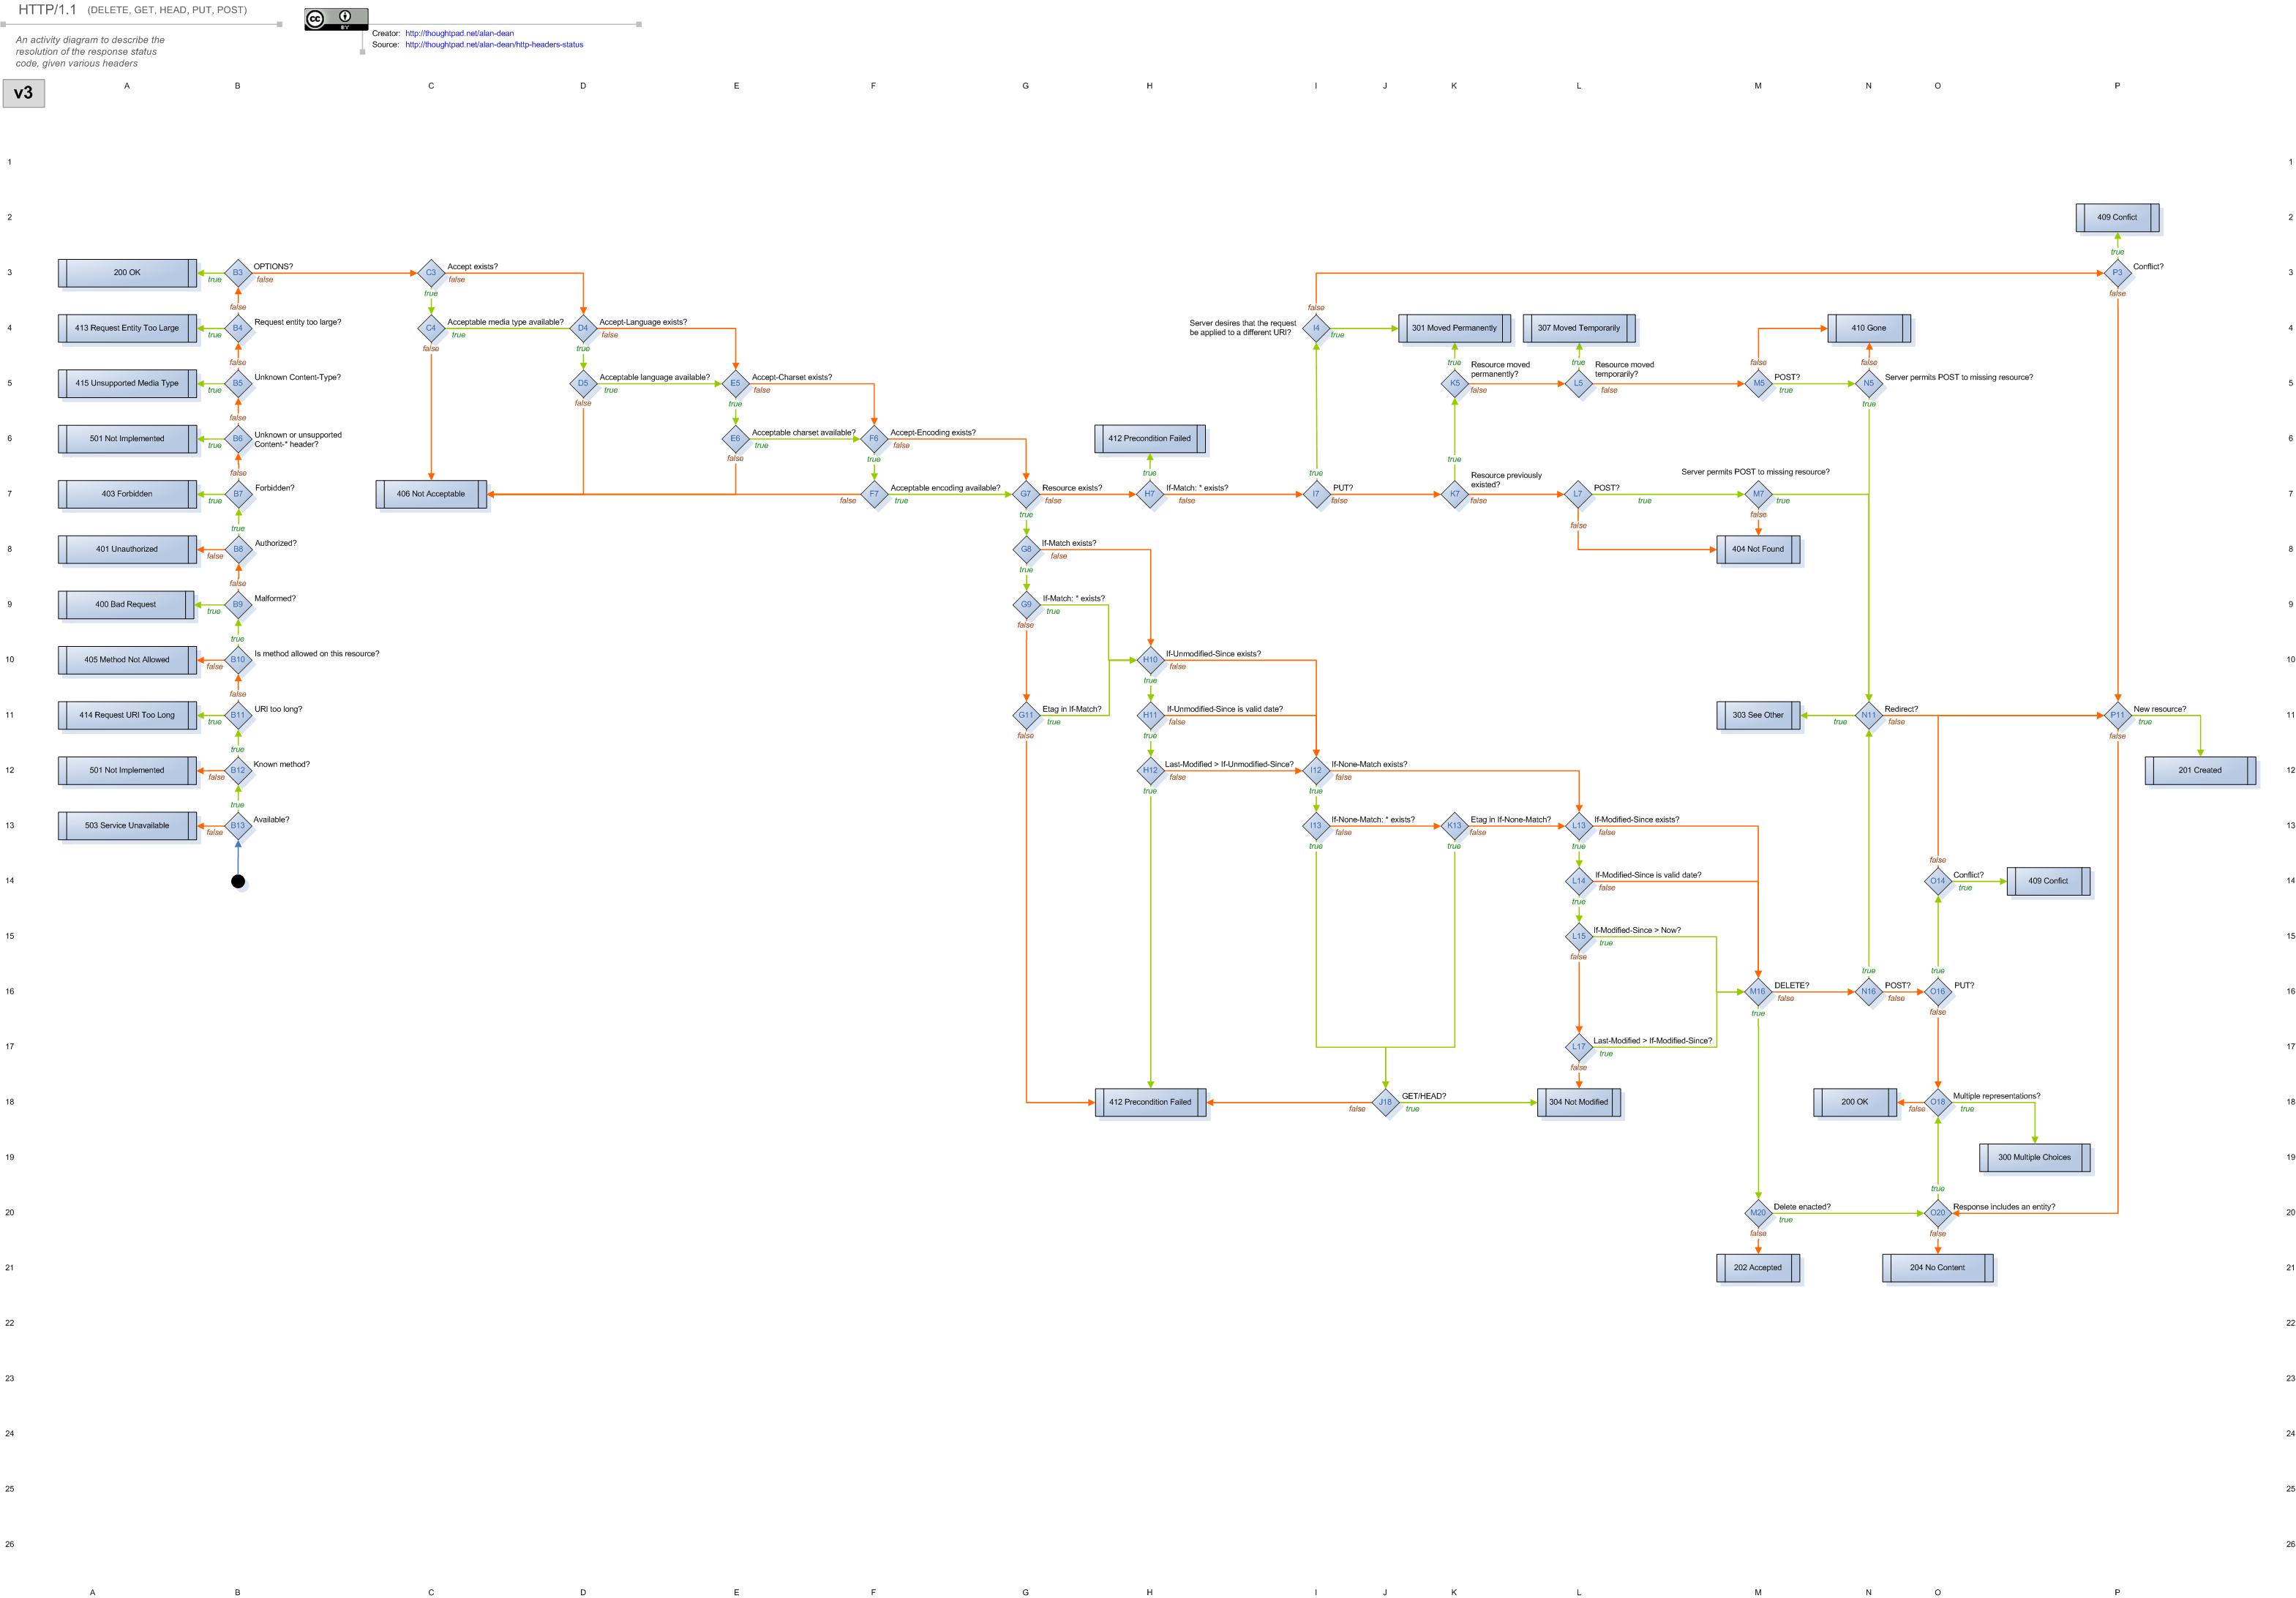 Webmachine decision flow